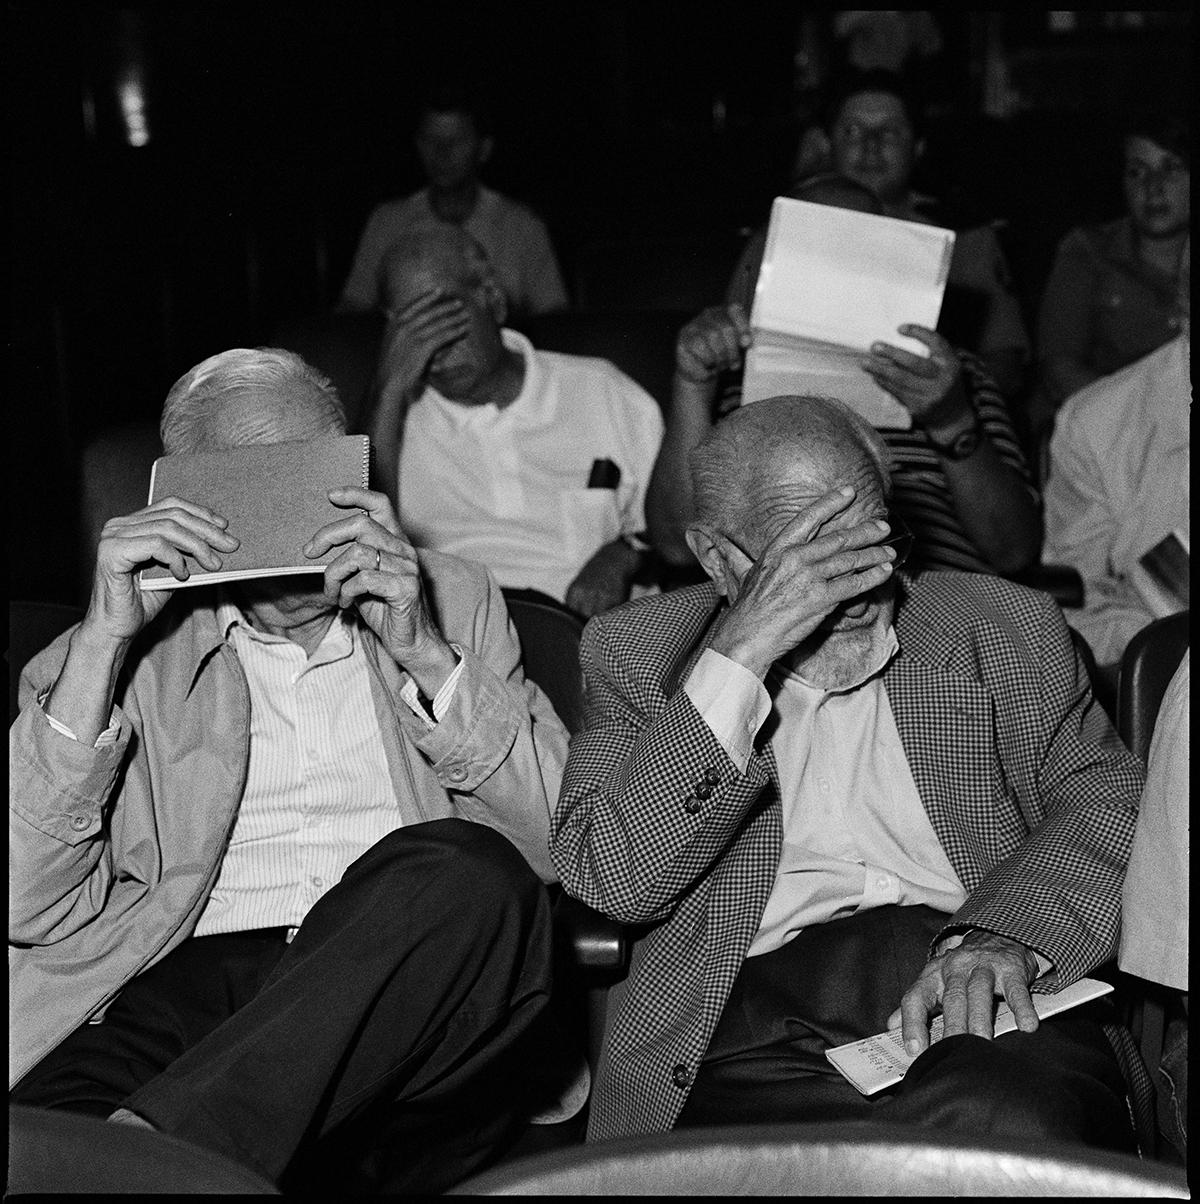 Серия «Процесс». Бывшие военные прячут лица от фотографа во время процесса, на котором аргентинское государство обвиняет их в преступлениях против человечества, совершённых во времена военной диктатуры.